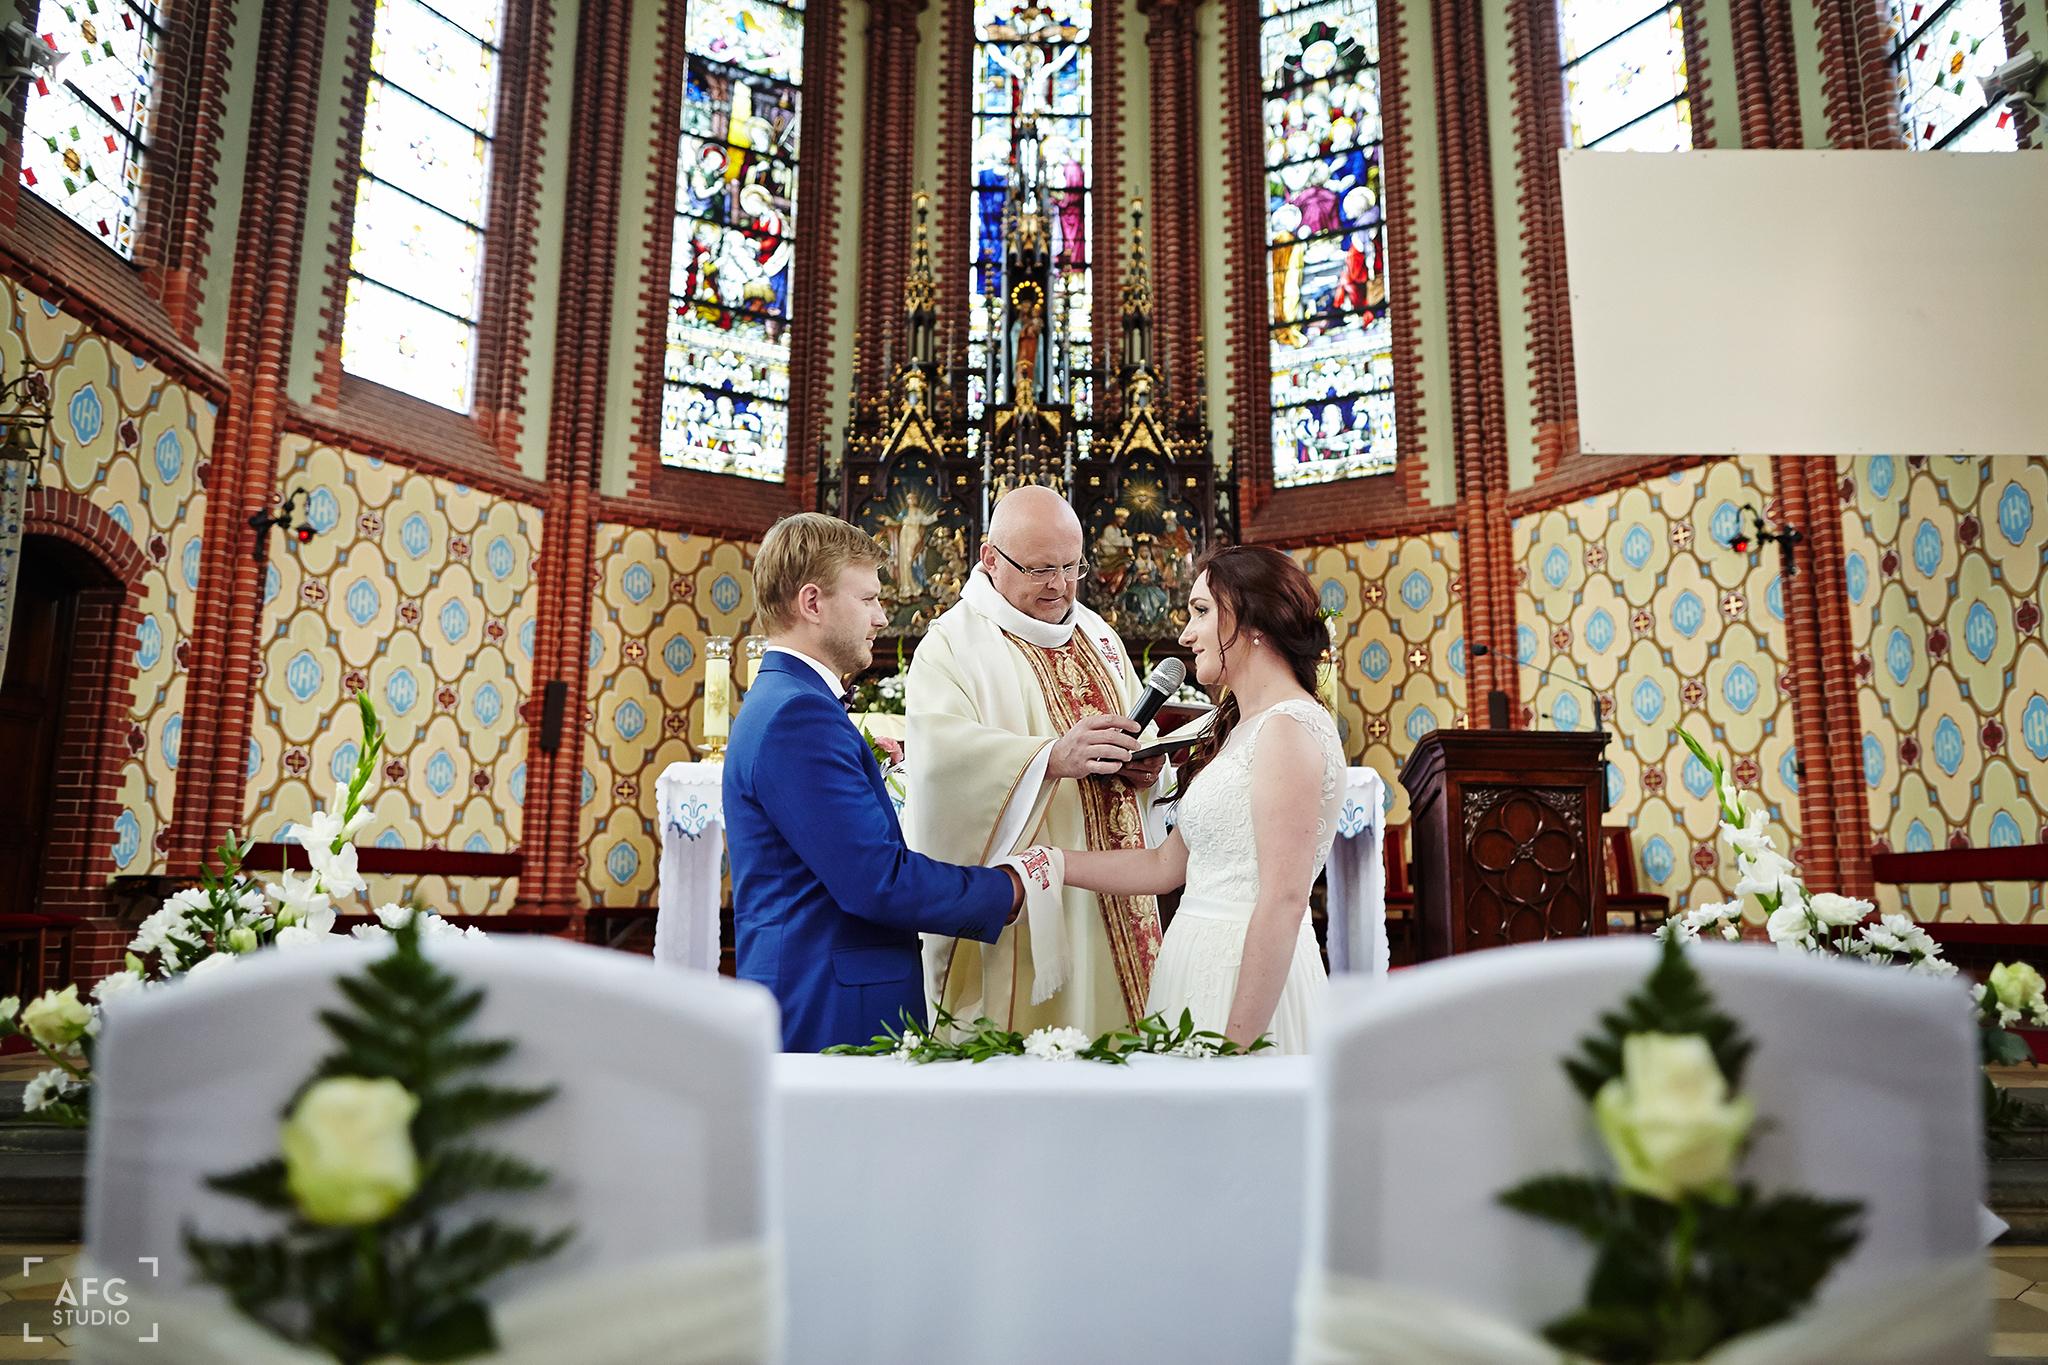 małżeństwo, ksiądz, kościół